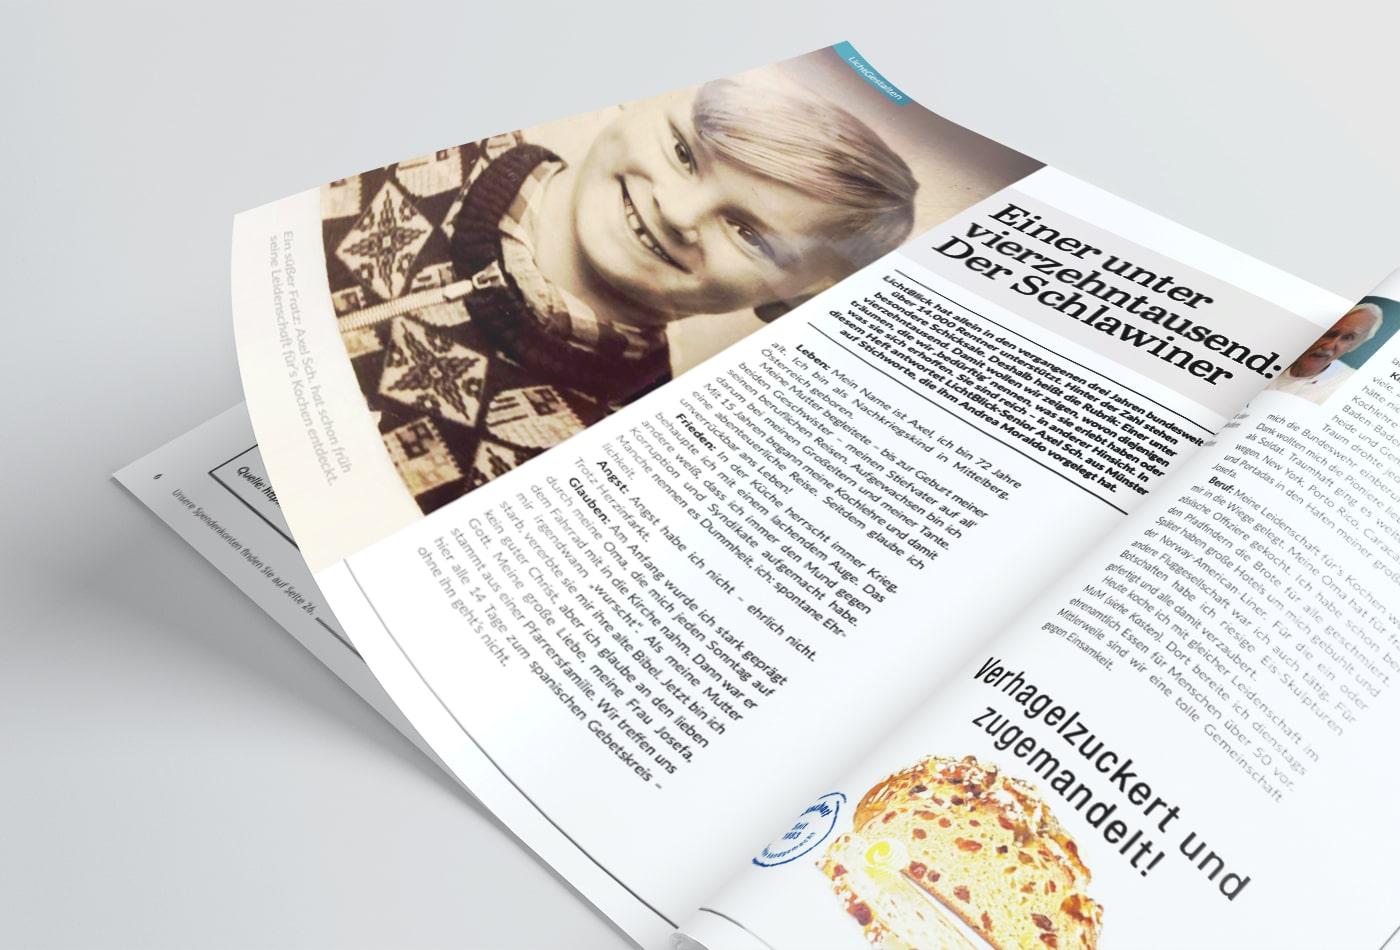 wildefreunde-kunde-lichtblick-magazin-innenseite-1-1400x950-min